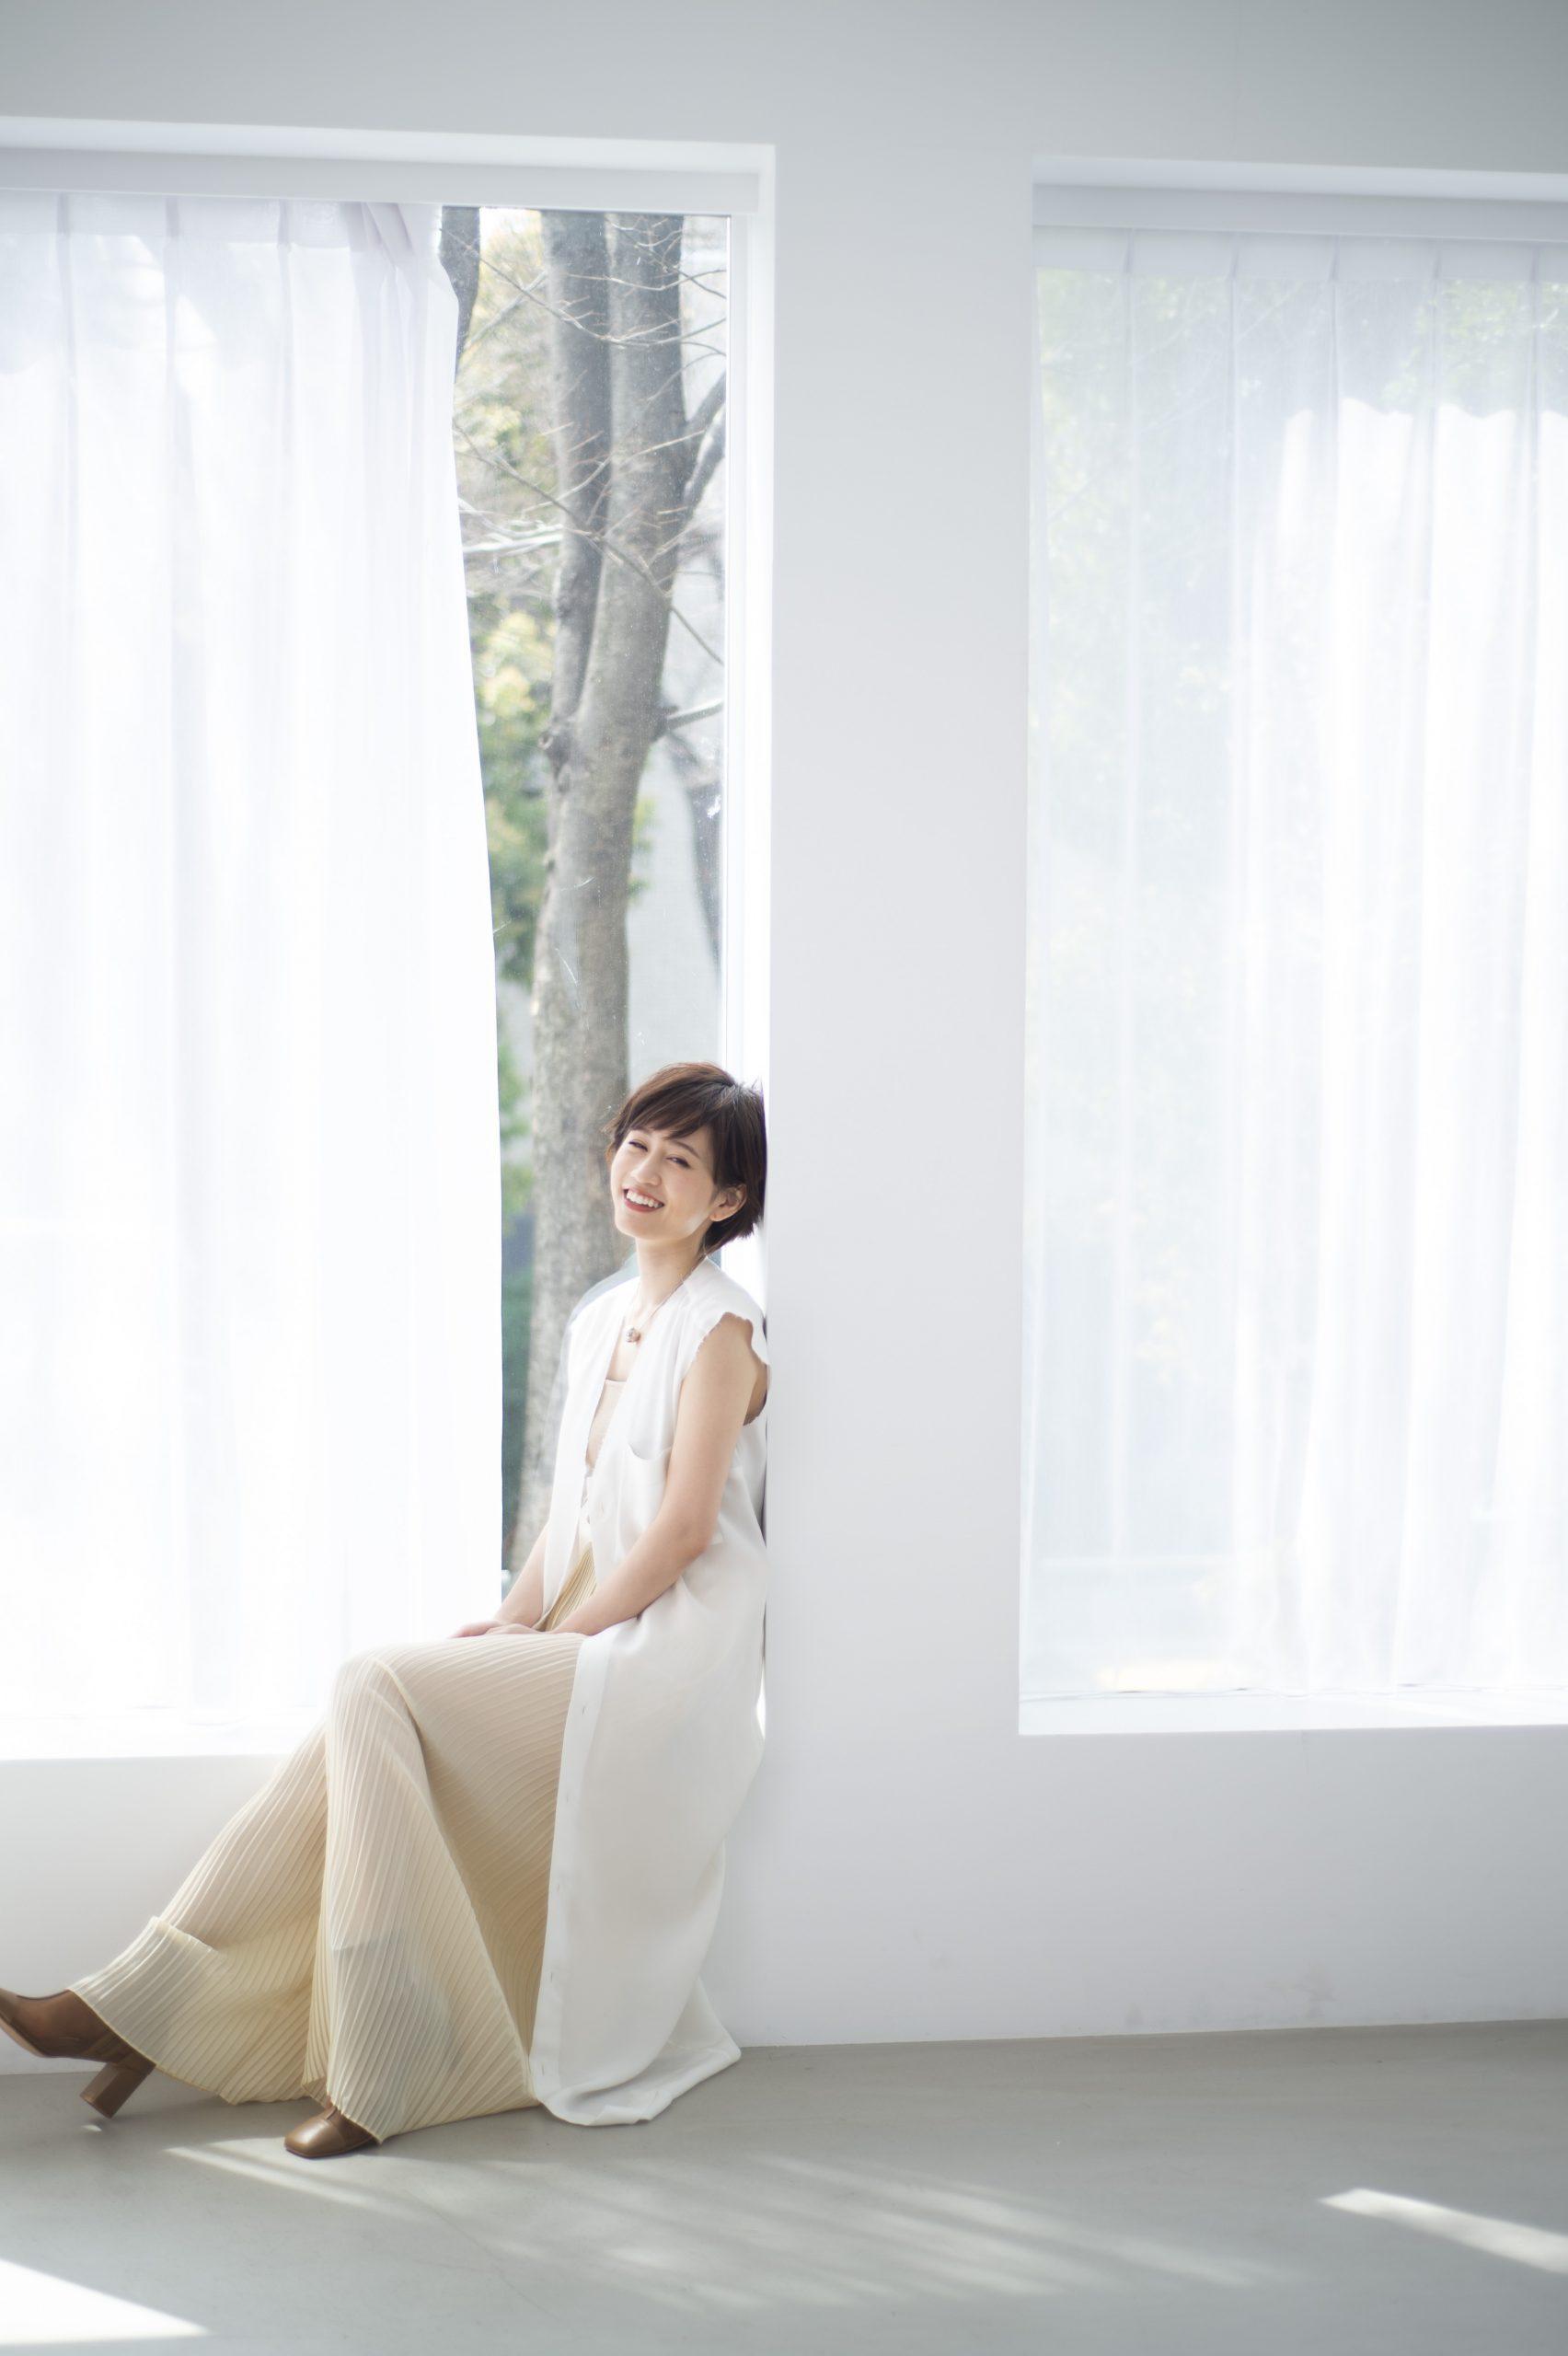 子育て、離婚、仕事復帰について語る前田敦子さん2